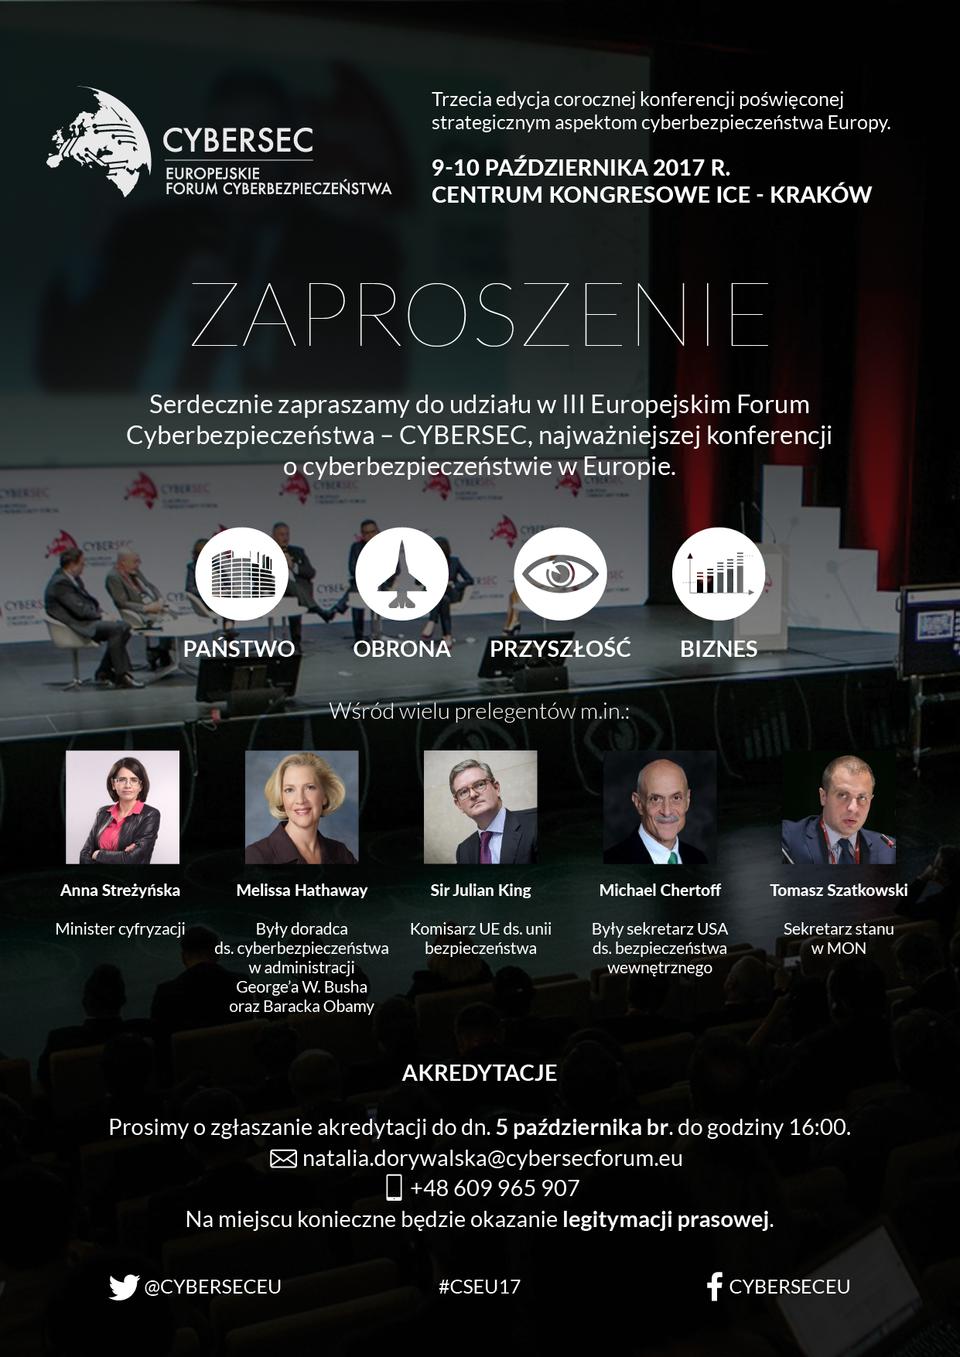 zaproszenie_dla dziennikarzy2-01.png